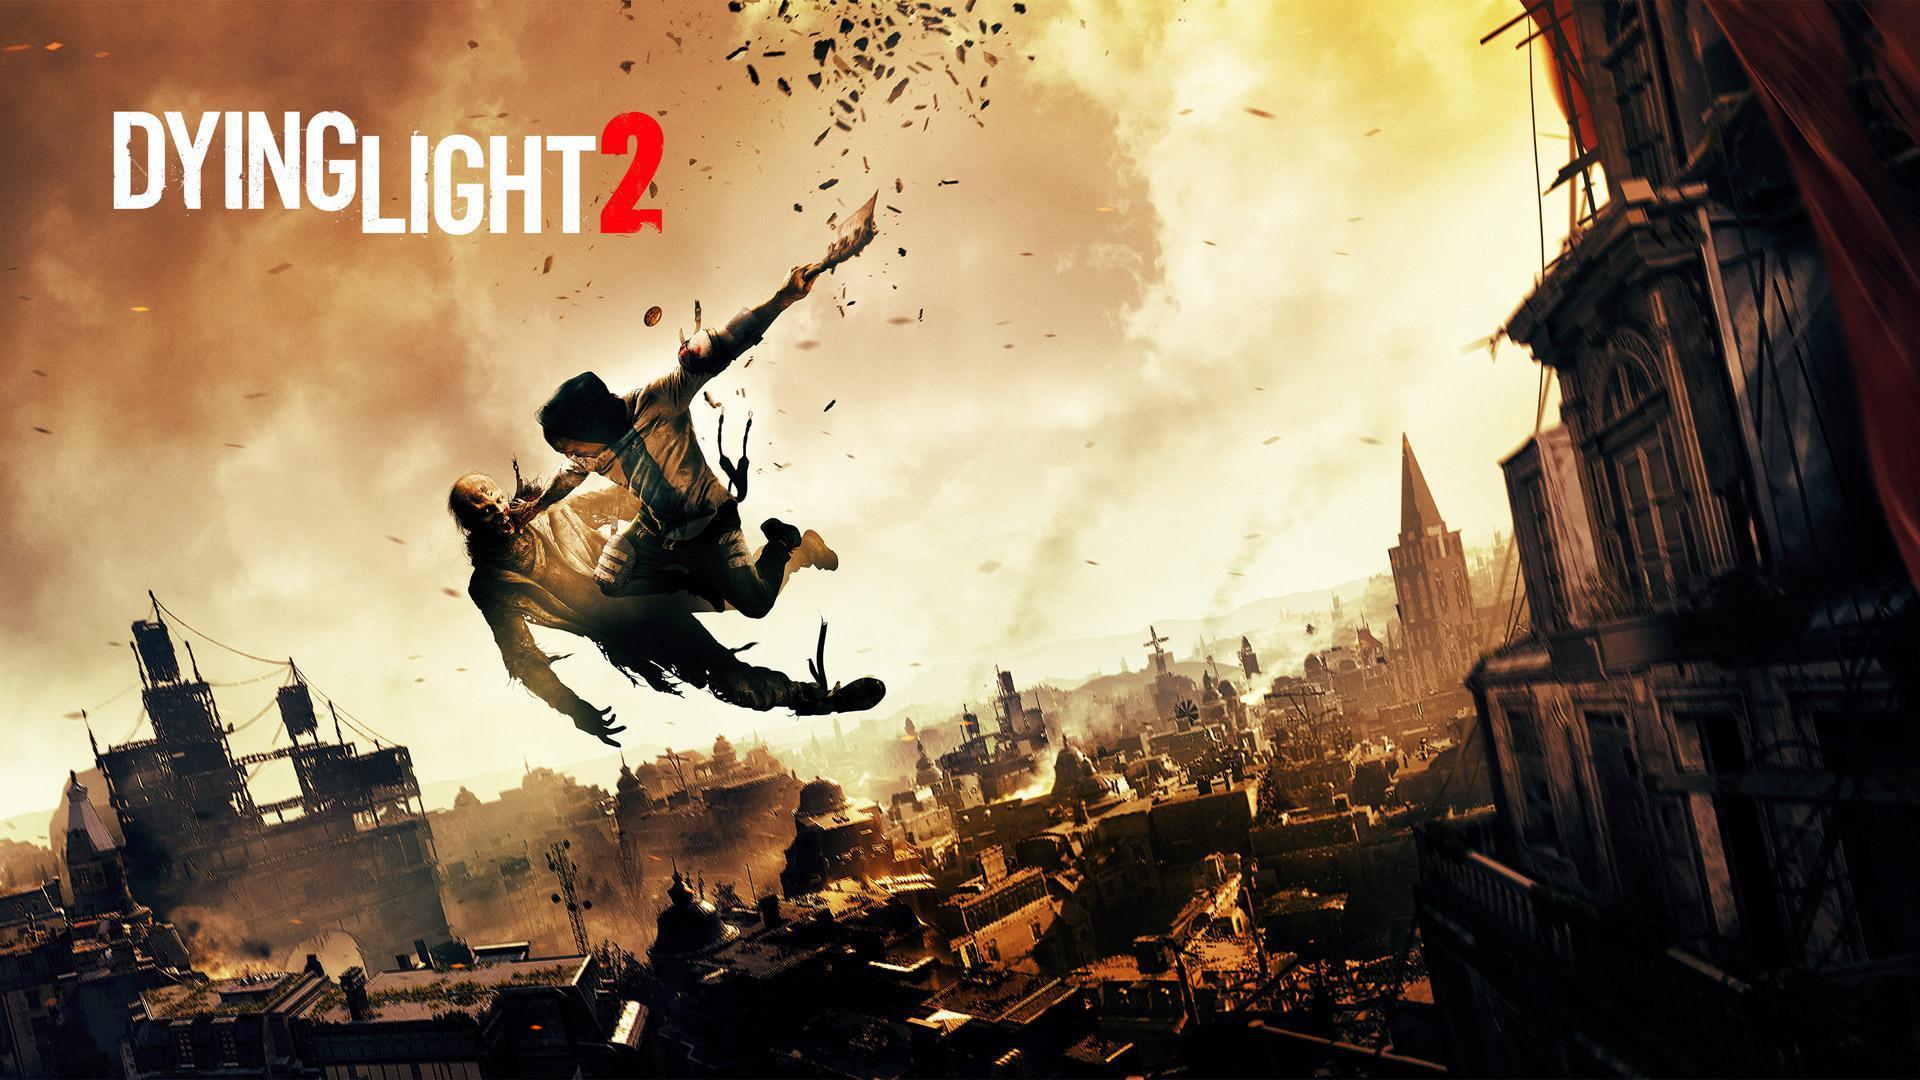 Dying Light 2 Techland e Koch Media collaborano per la distribuzione in Europa